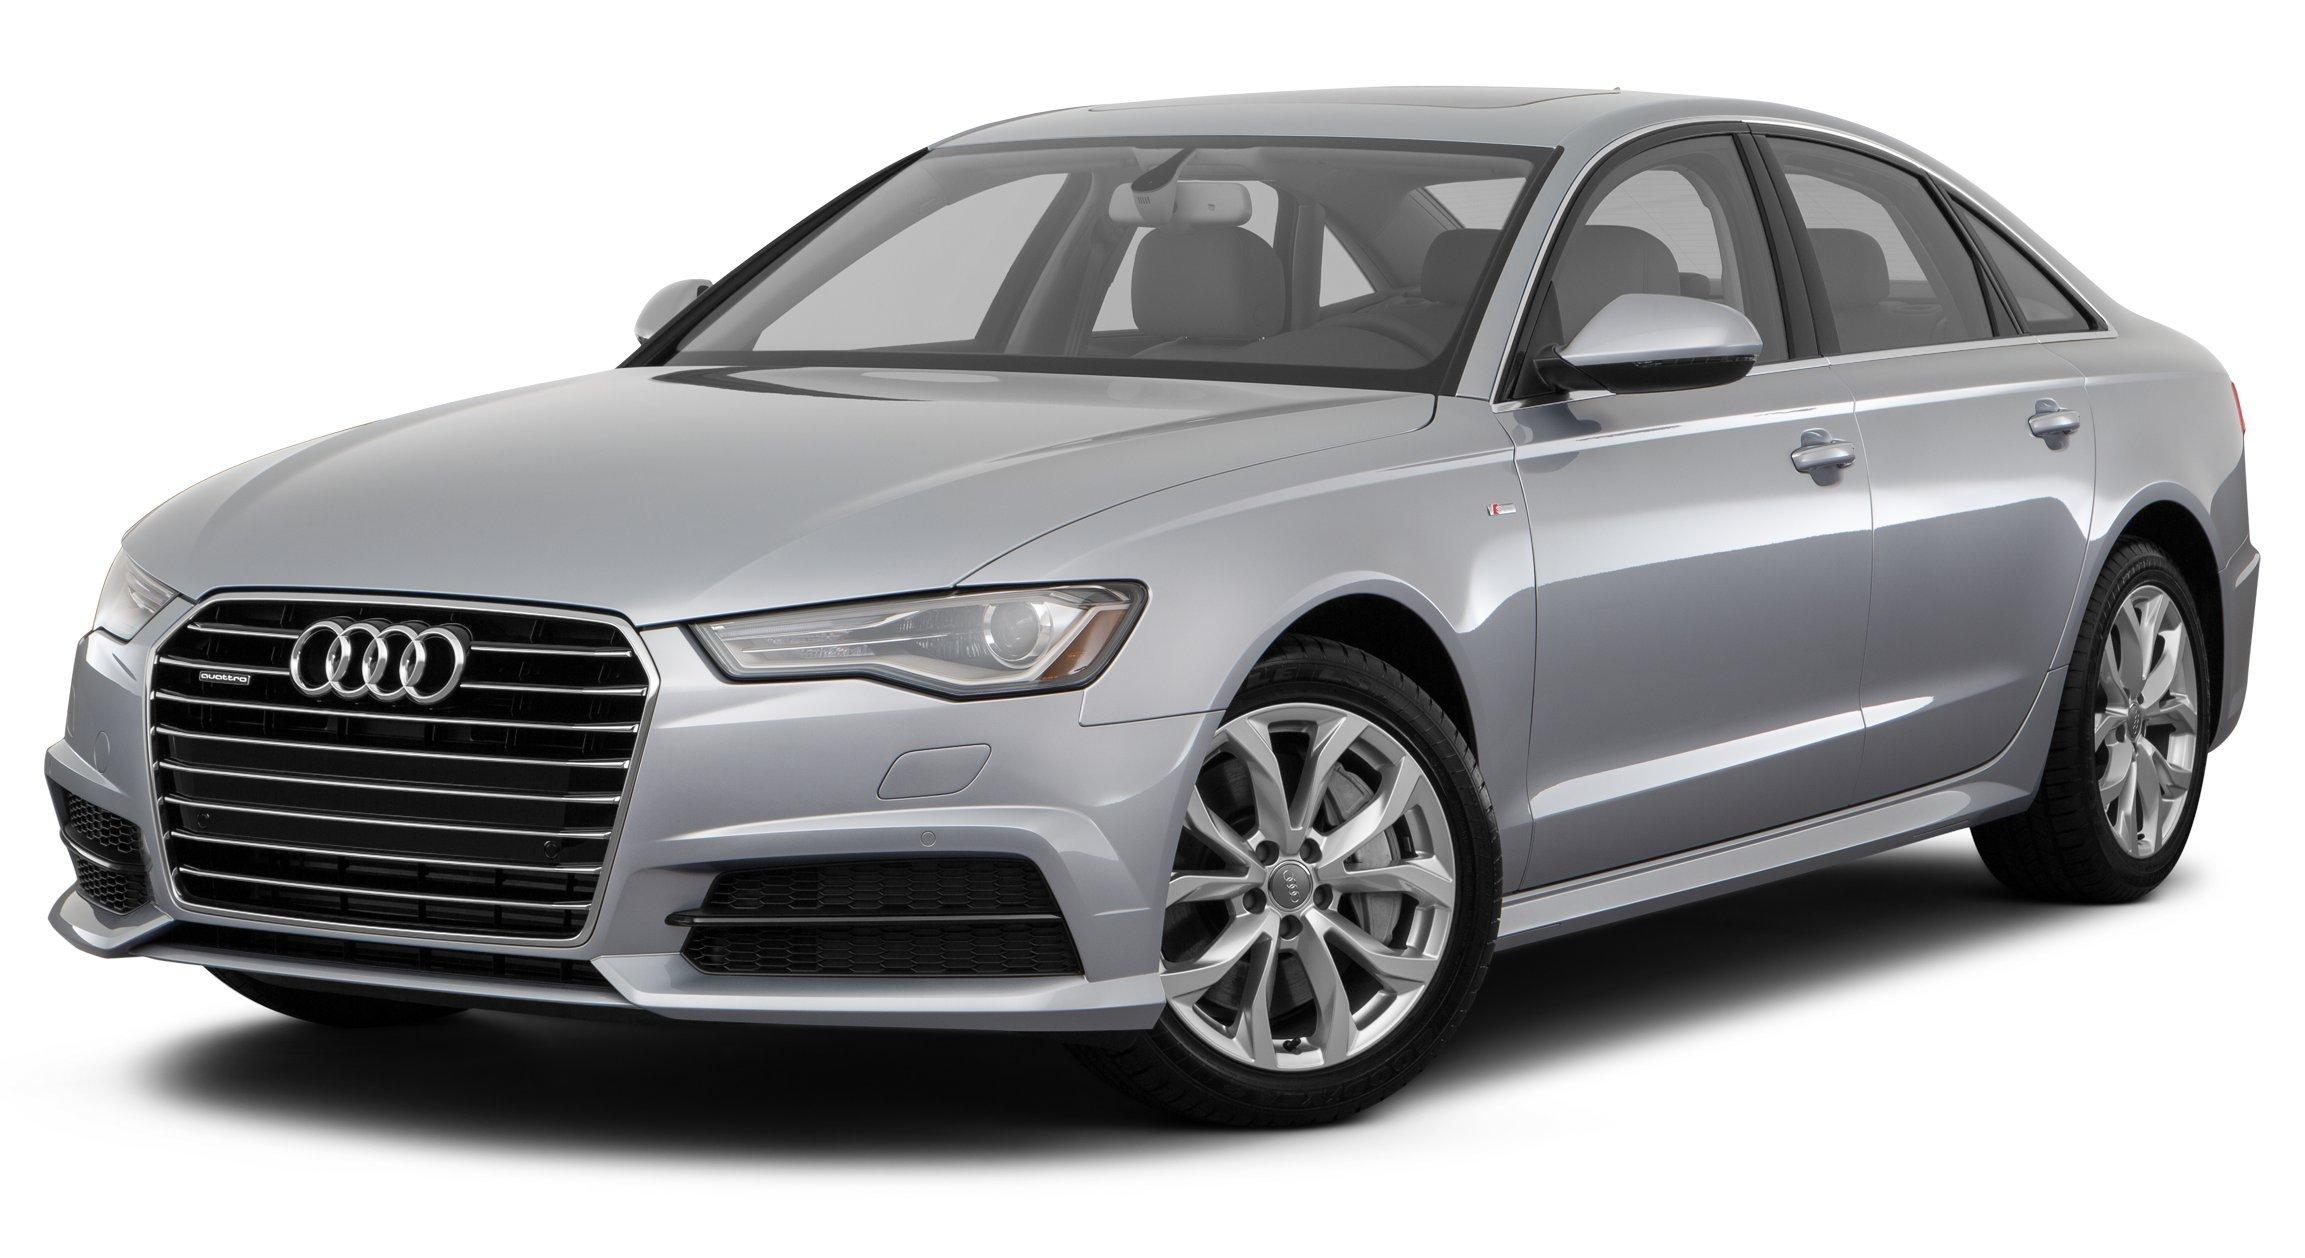 ... 2017 Audi A6 Quattro Premium, 2.0 TFSI Premium quattro All Wheel Drive ...